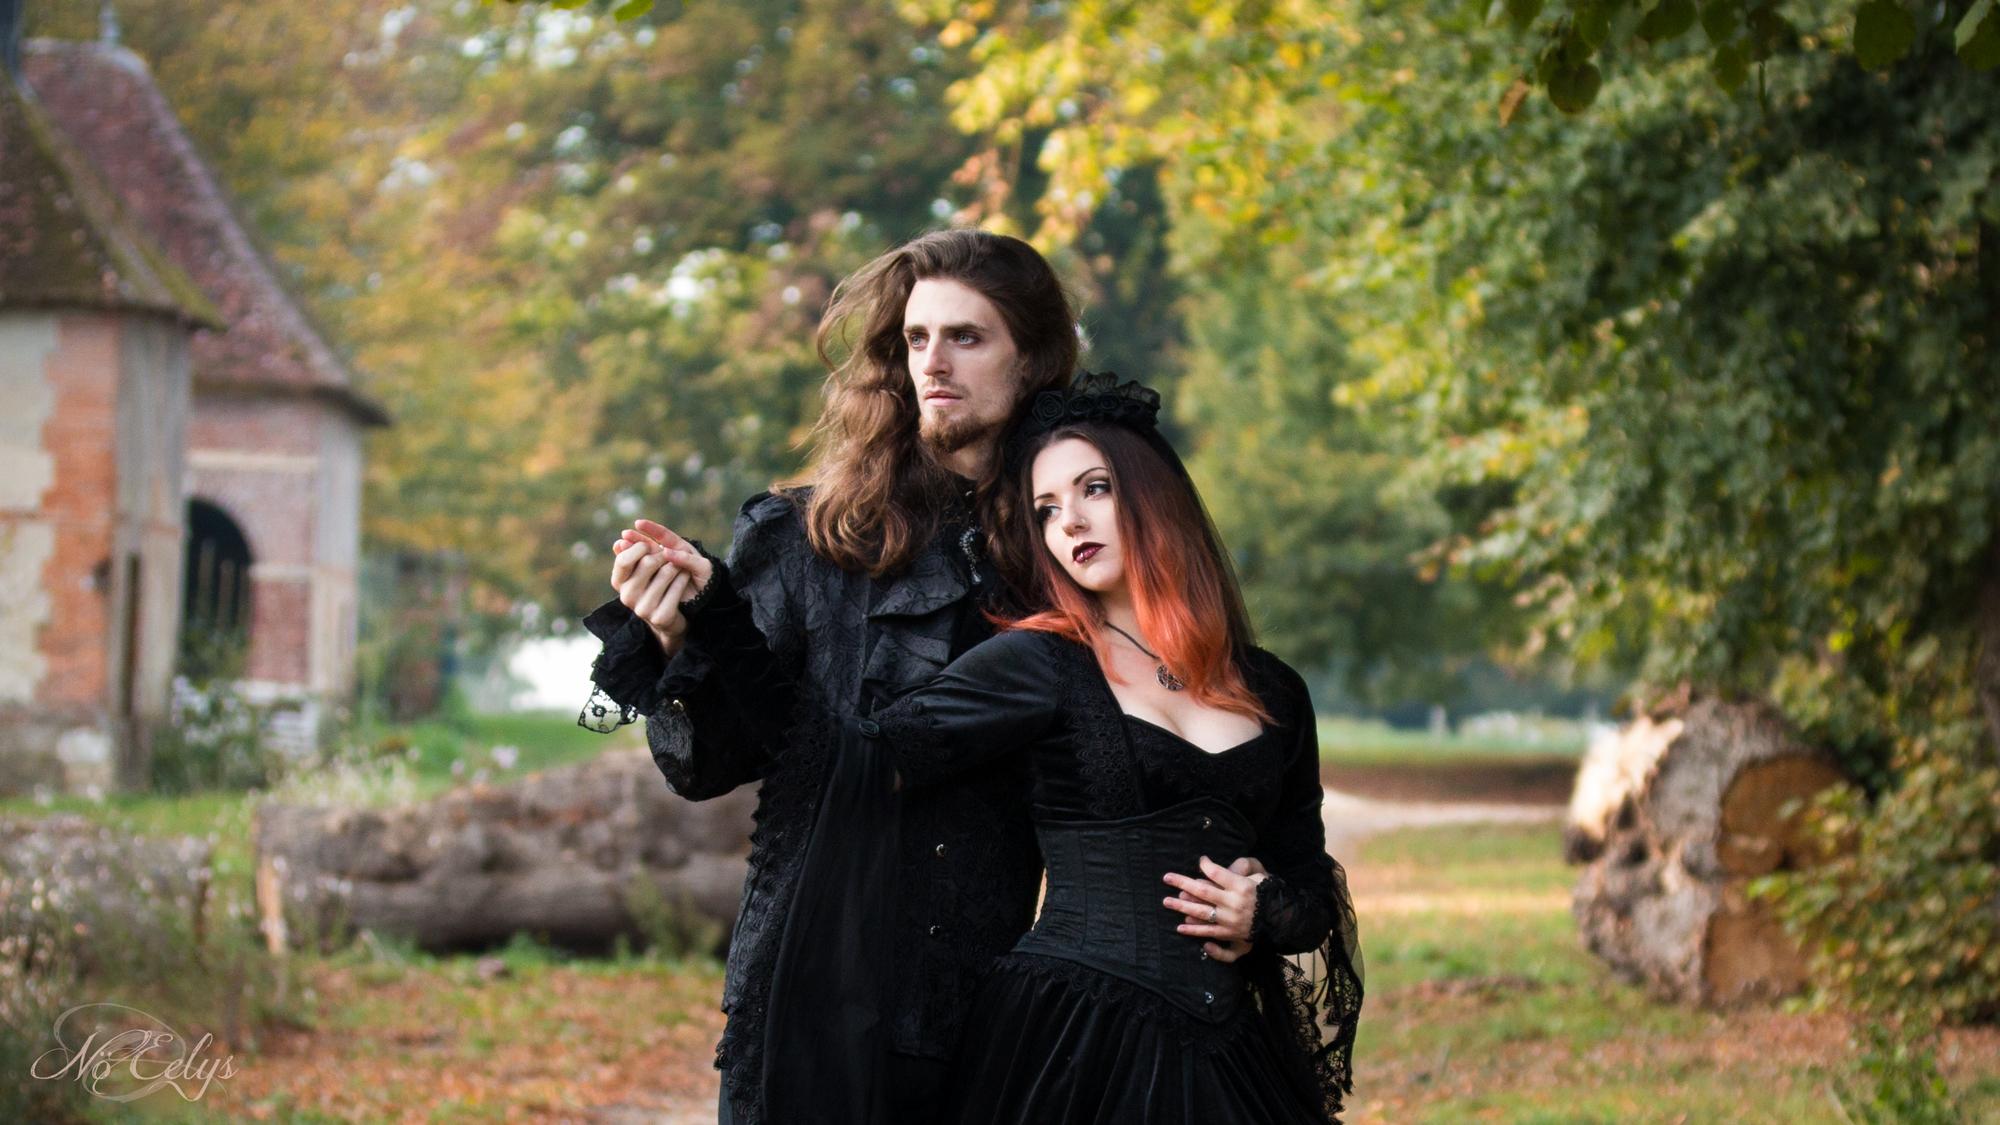 Photo de Mariage Gothique Ebeyne Moonlight Modèle alternative gothique romantique et Yorgane Digore, photo par No Eelys, photographe alternative France